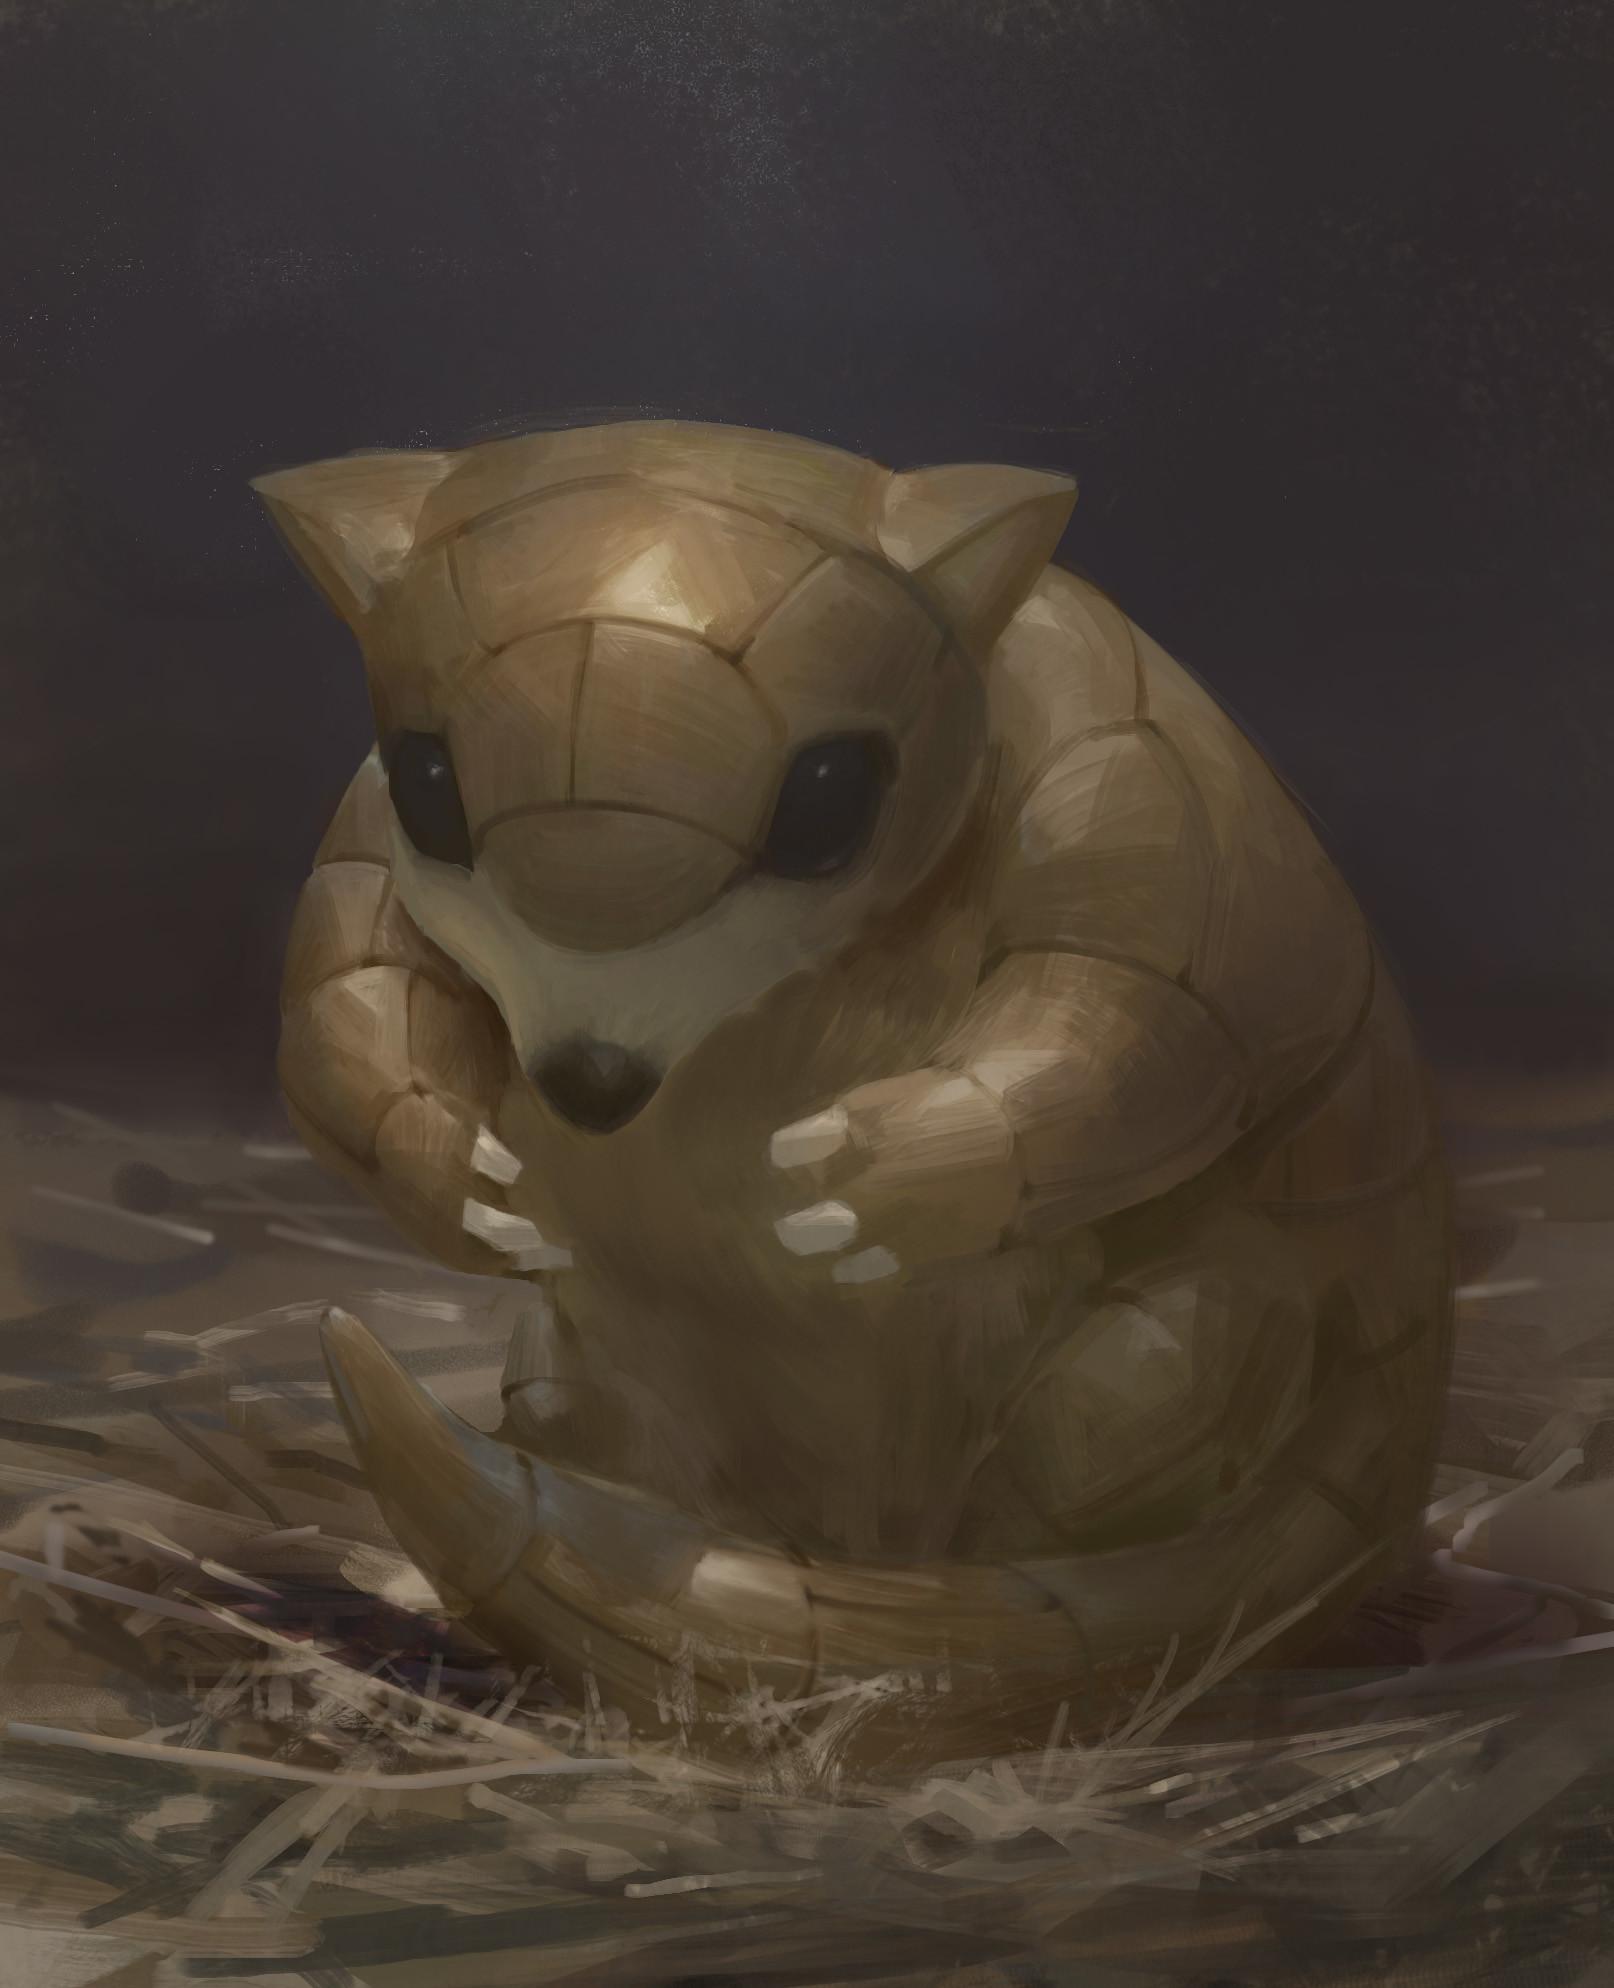 Artur treffner sandshrew